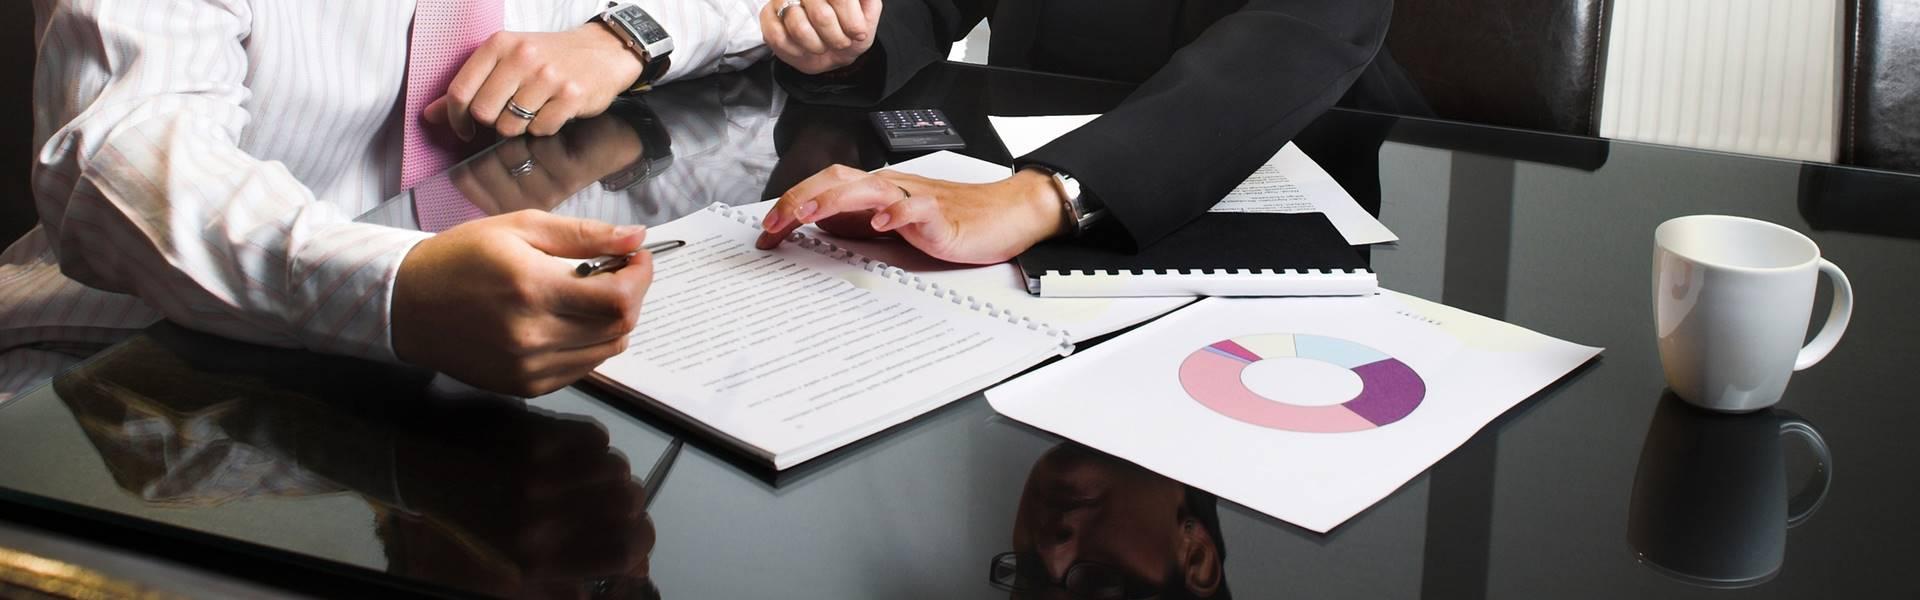 Как найти клиентов на бухгалтерское обслуживание